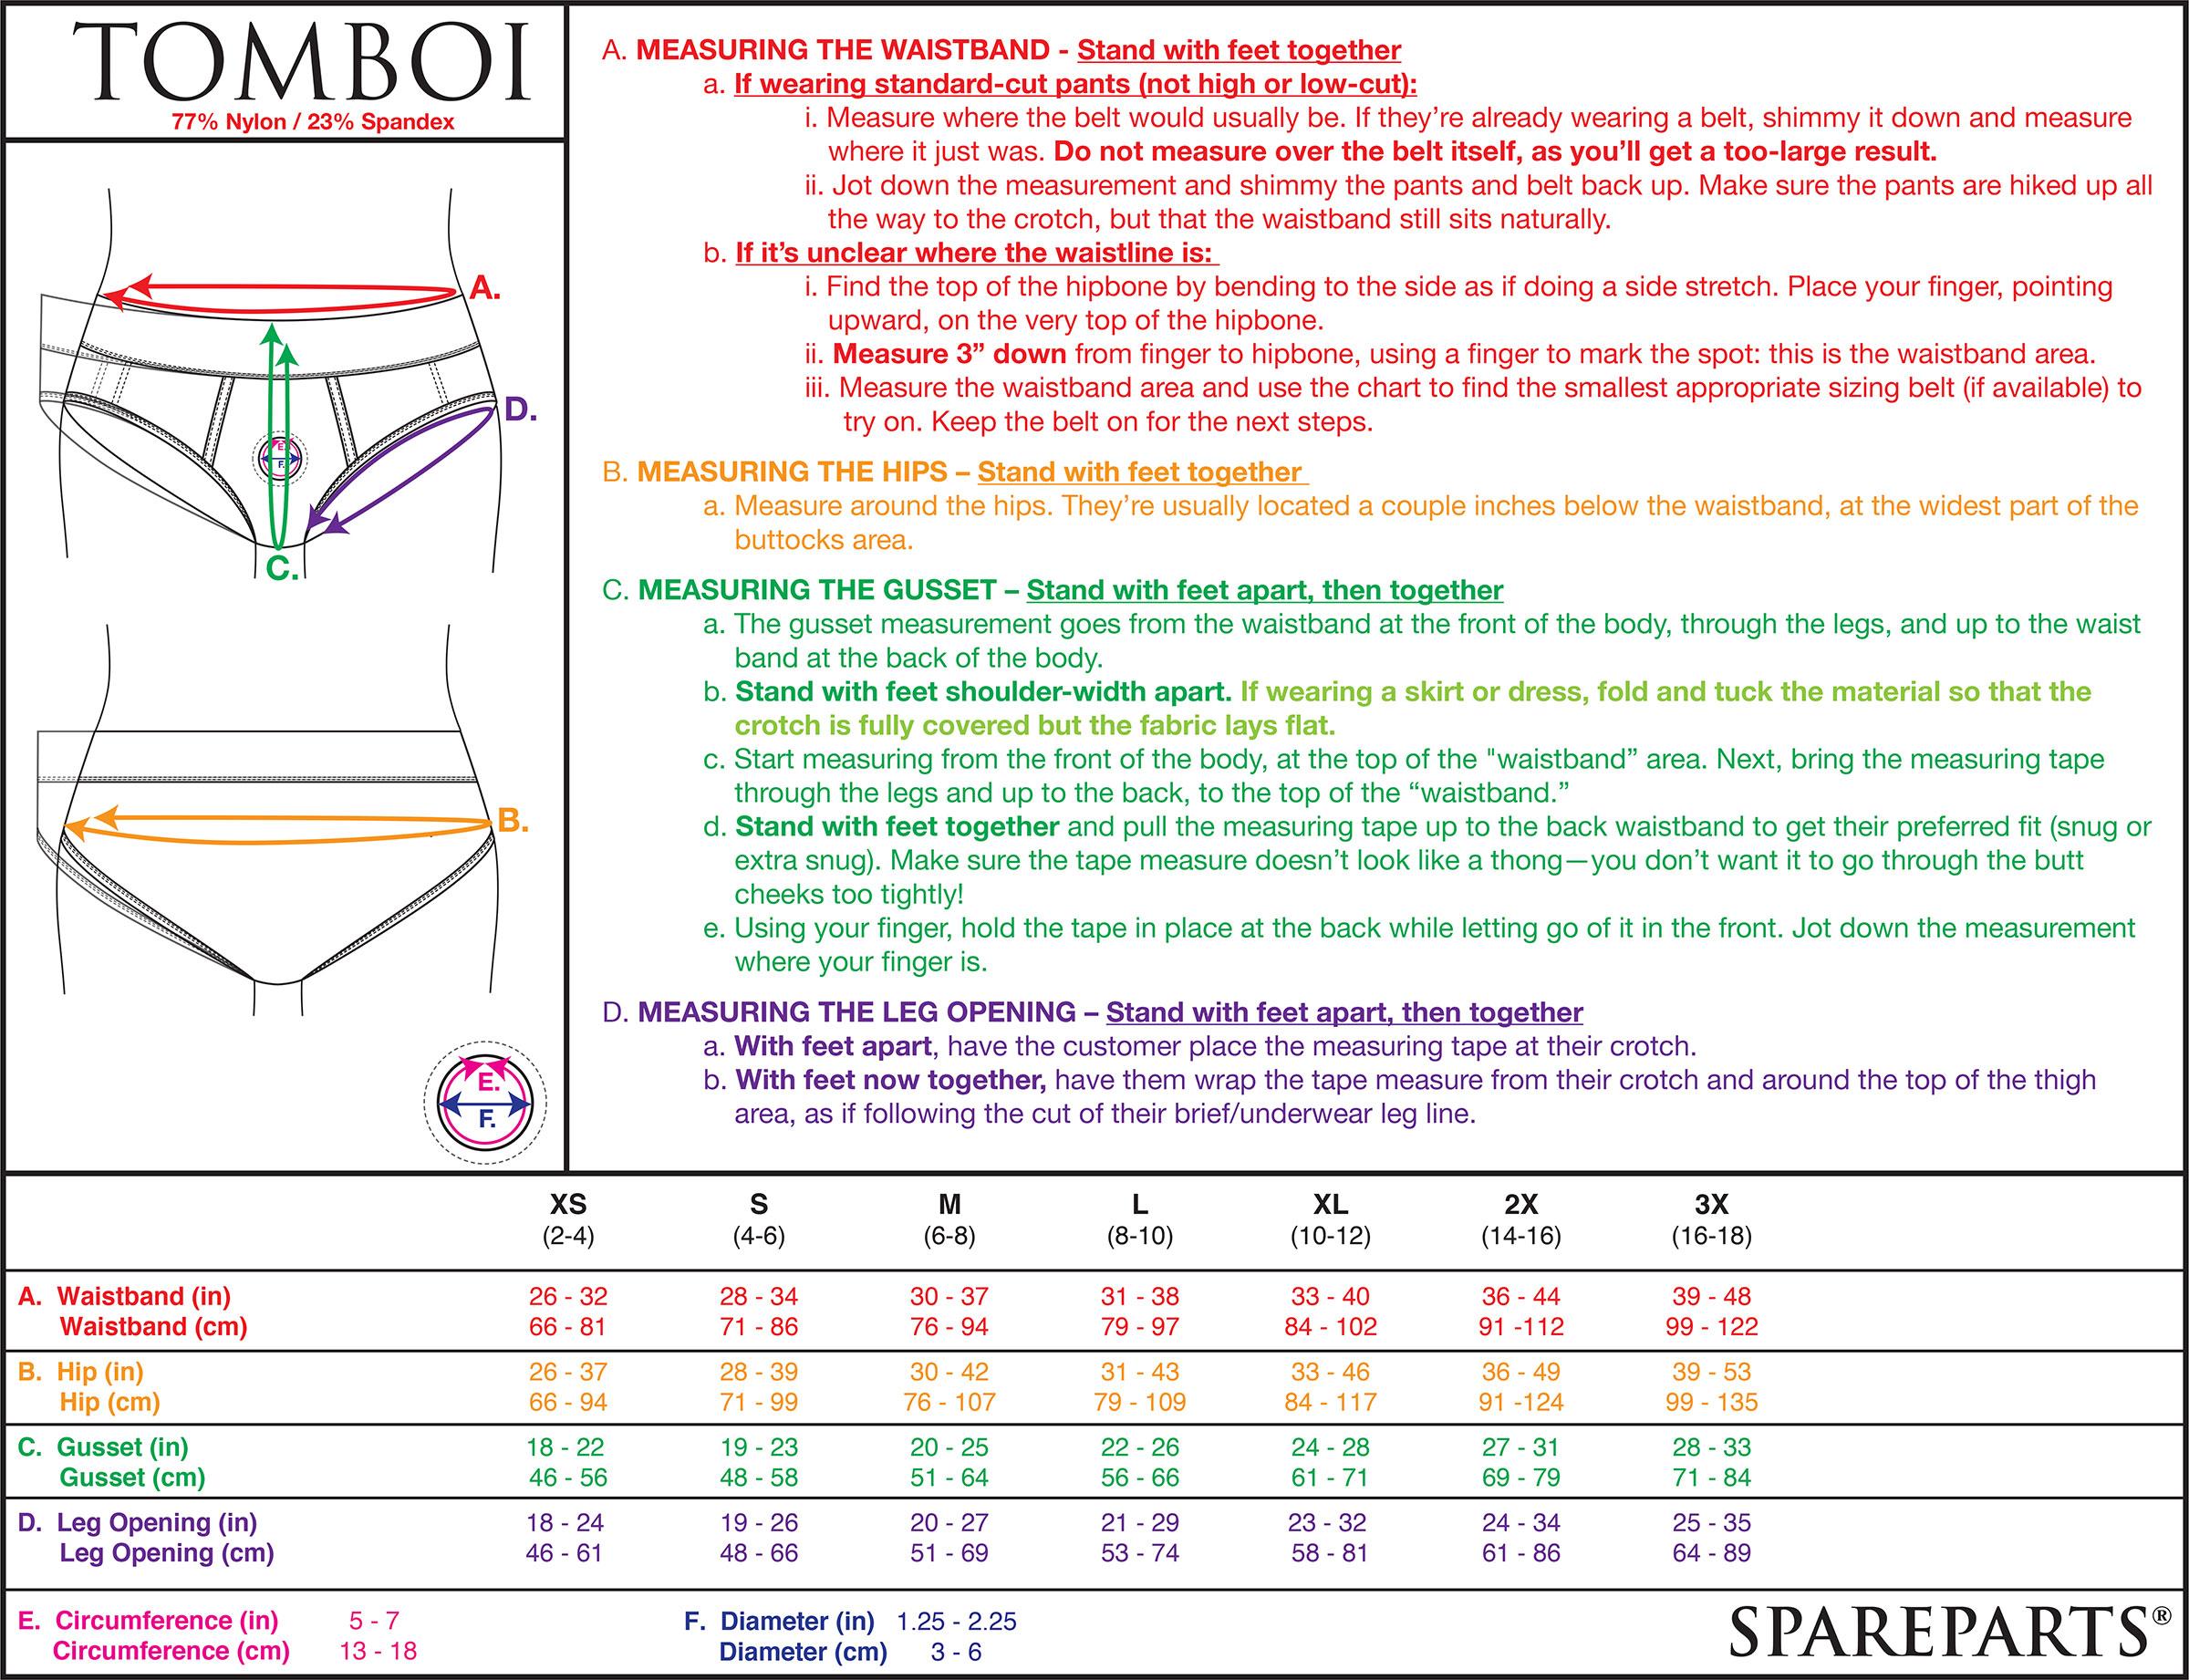 Tomboi Harness Size Chart